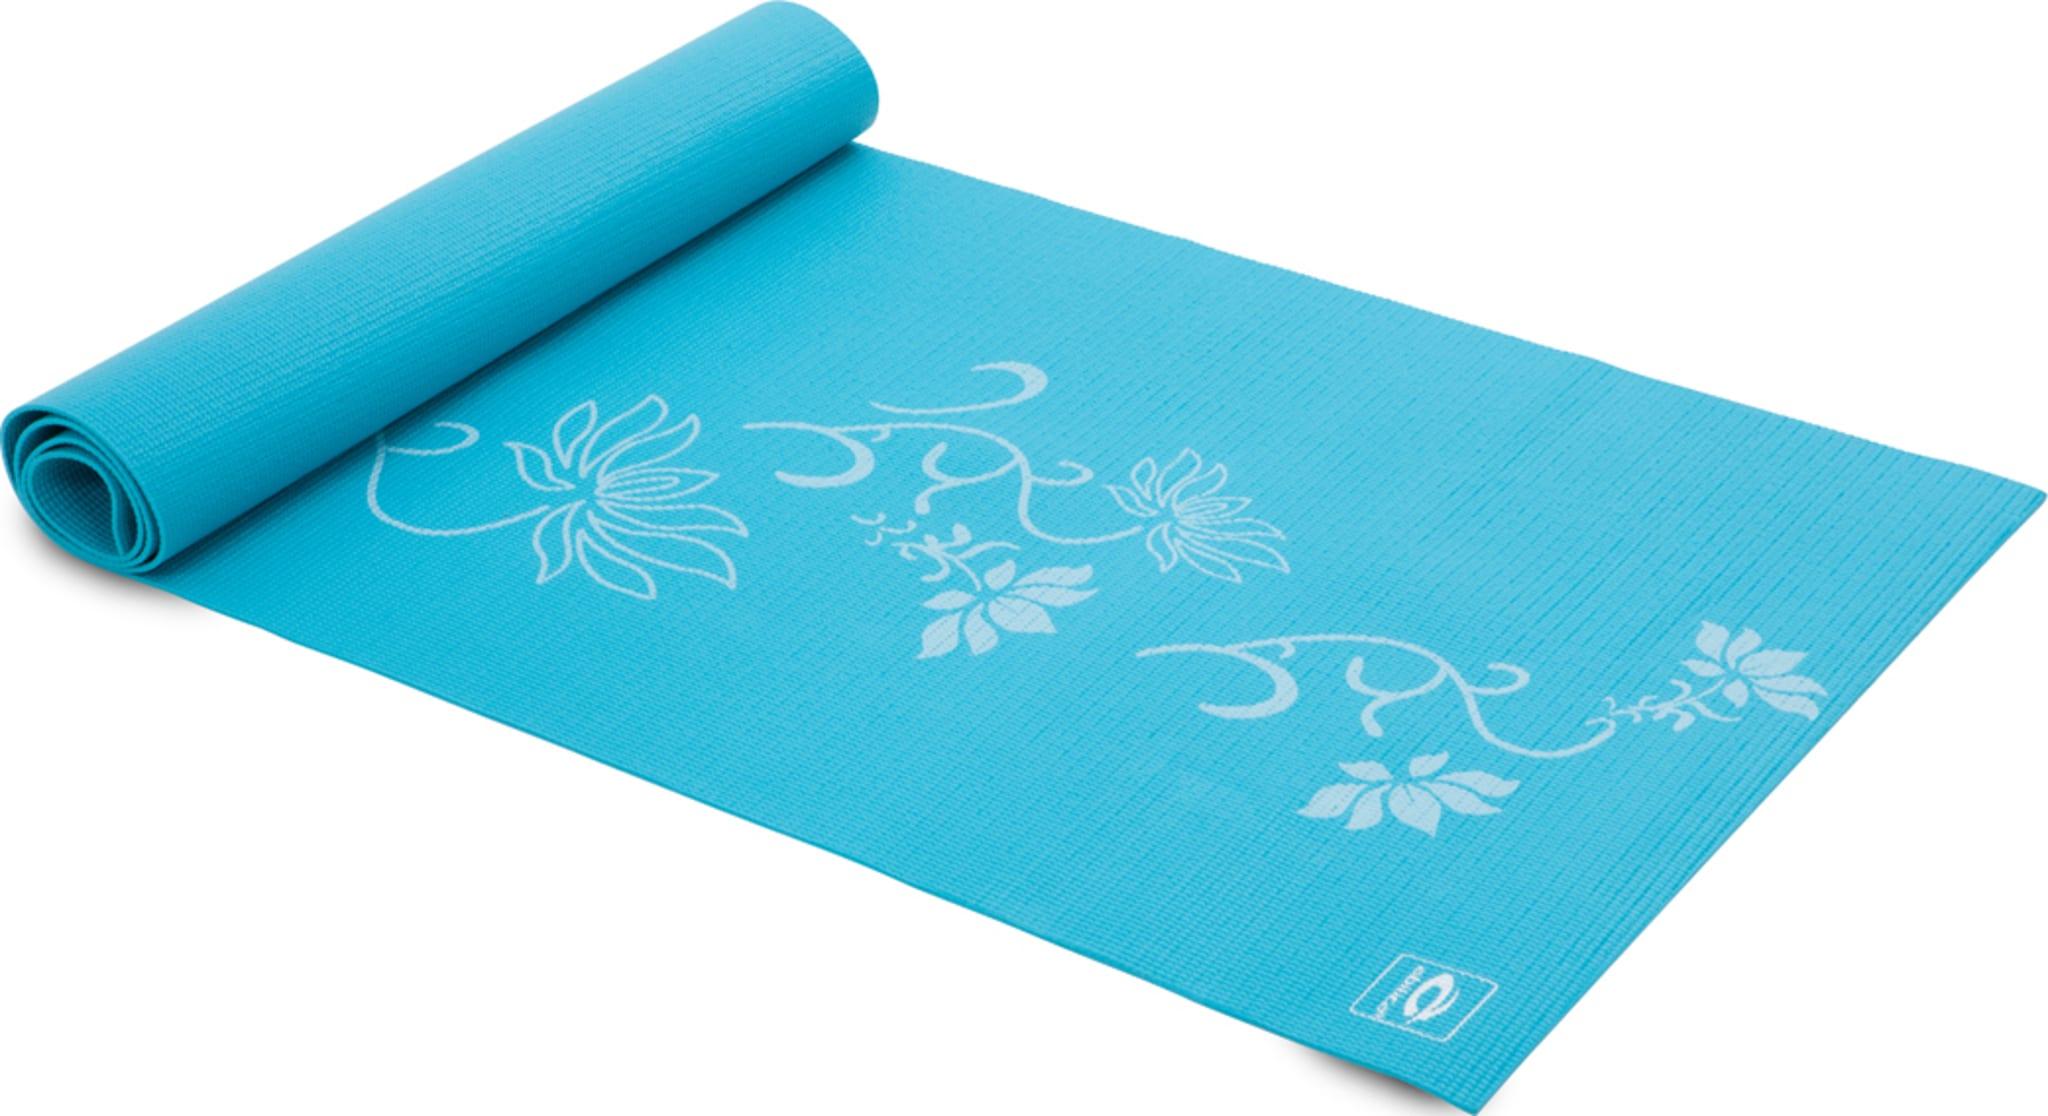 Yoga og Pilates matte